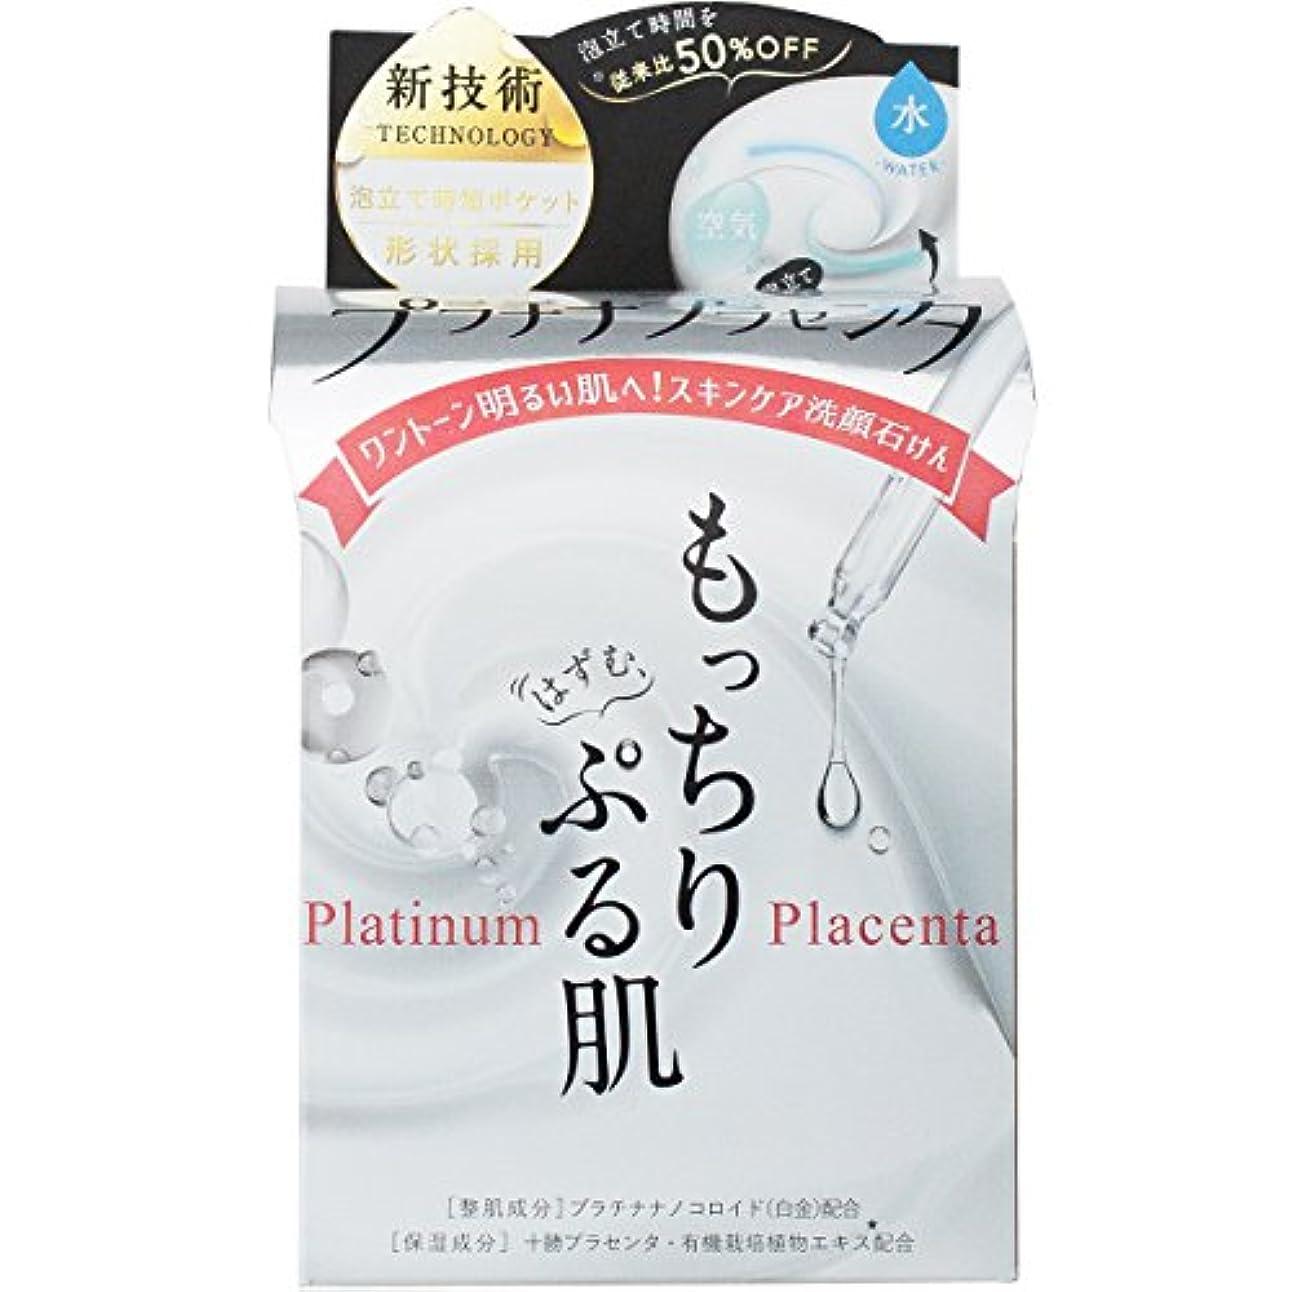 松明アスリート肌楽プラチナプラセンタ洗顔石鹸 60g